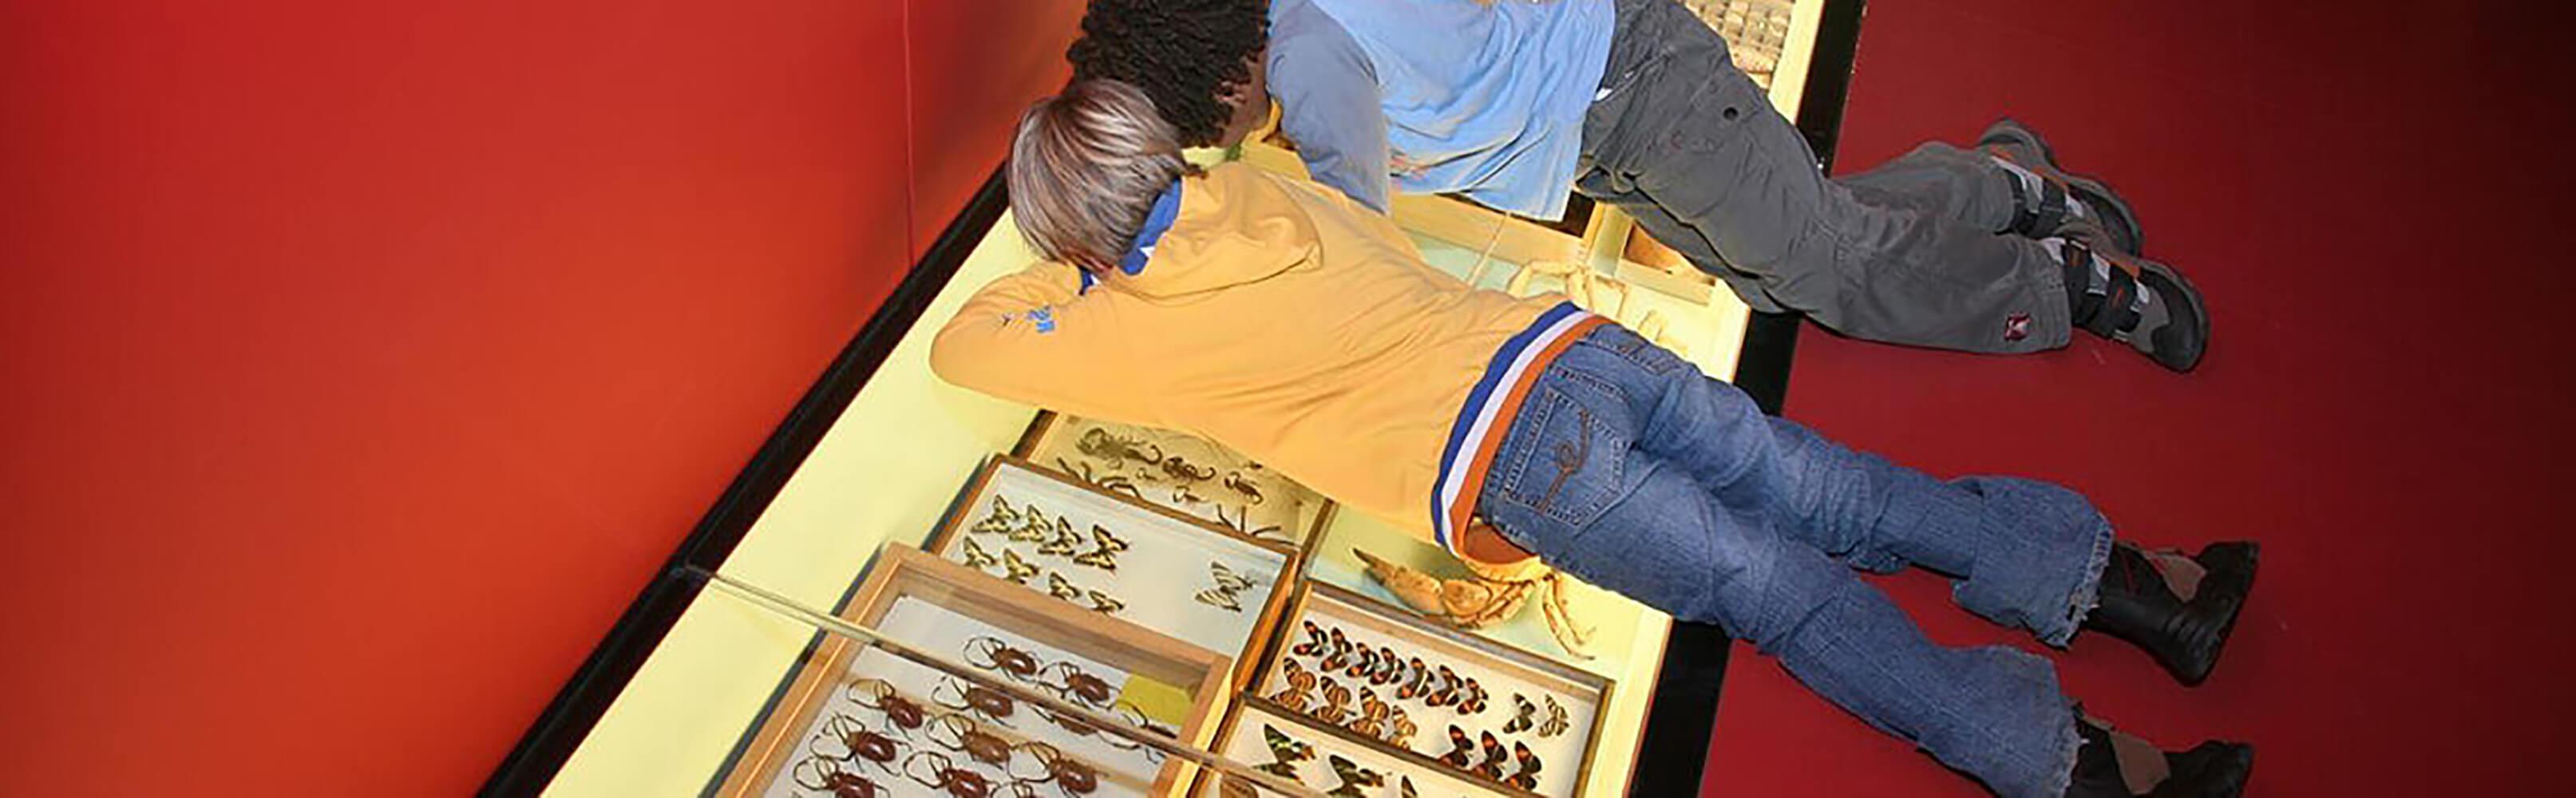 Naturhistorisches Museum der Burgergemeinde Bern 1